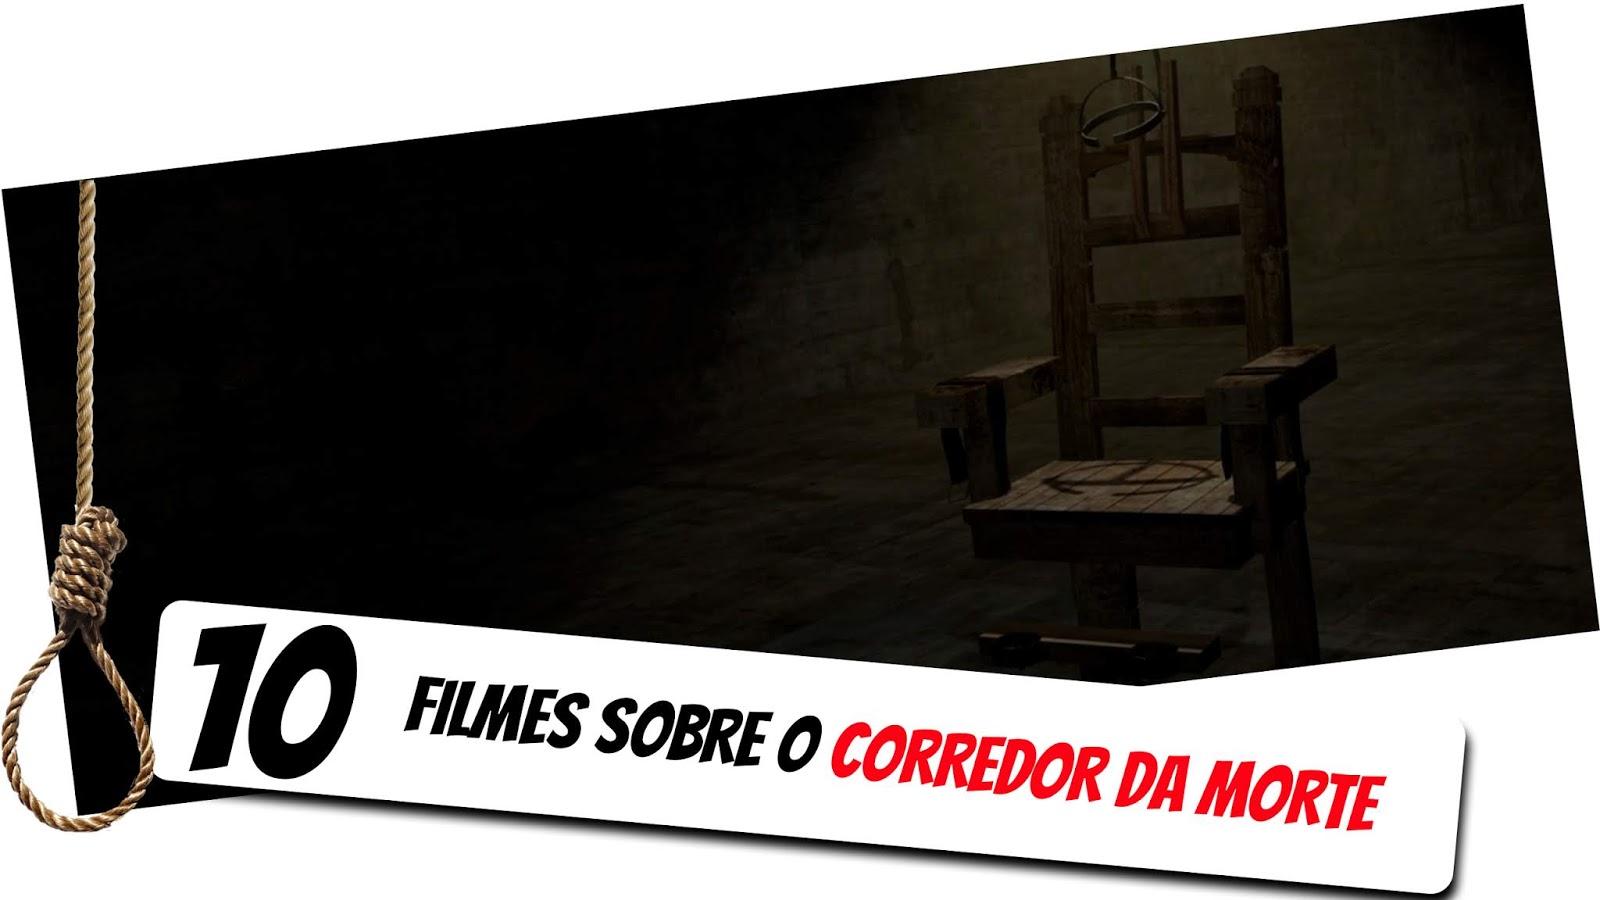 10-filmes-sobre-o-corredor-da-morte